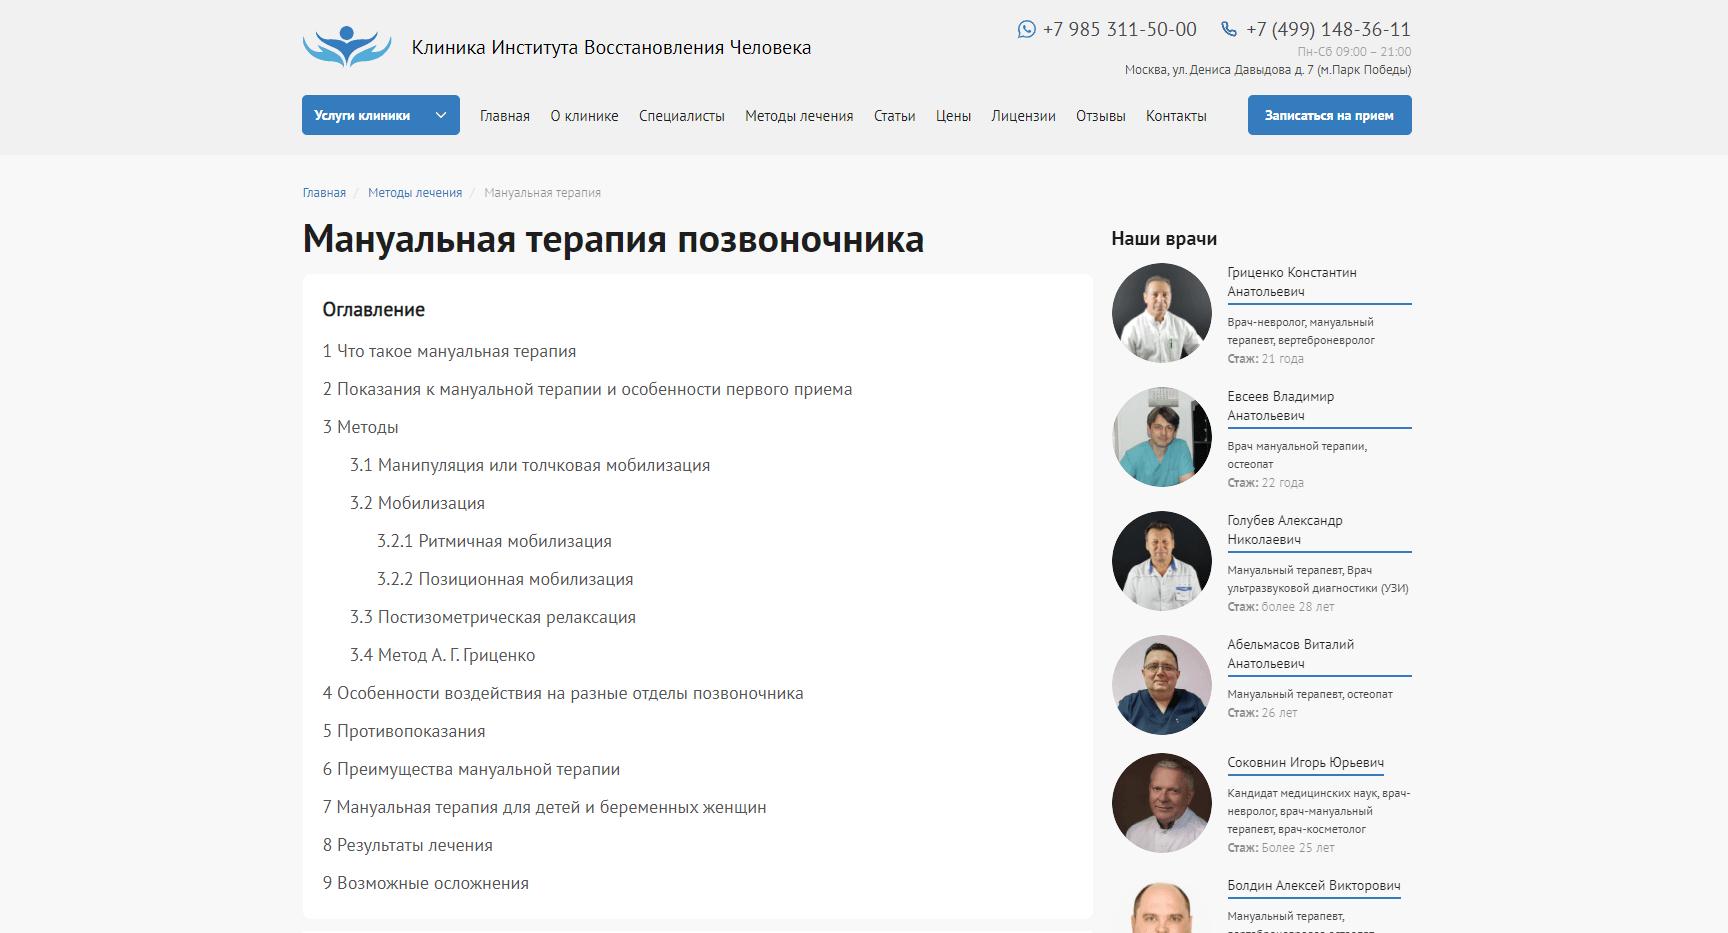 Акцент на основные услуги клиники